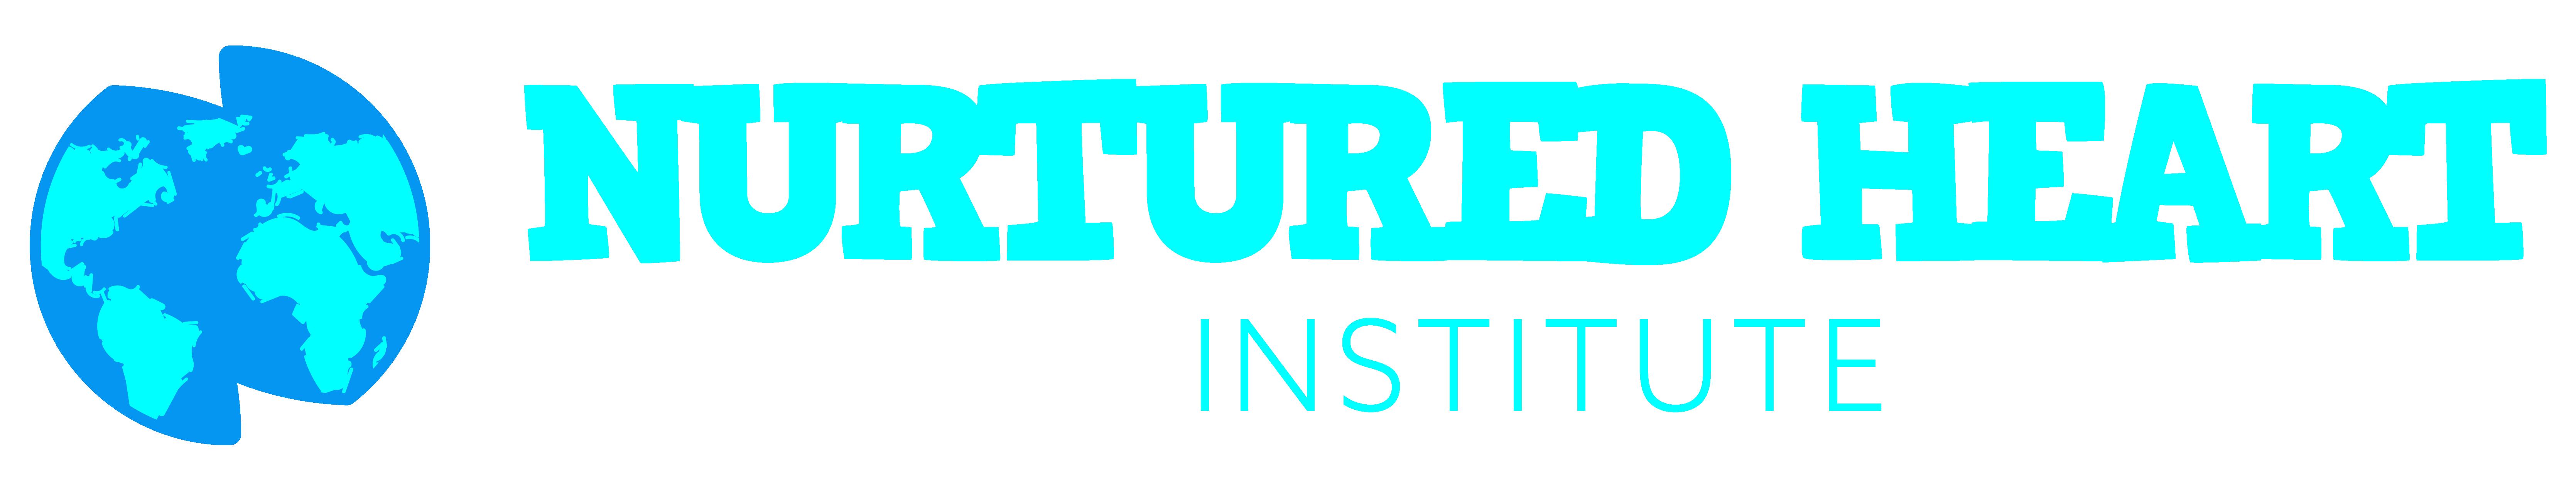 Nurtured Heart Institute Logo